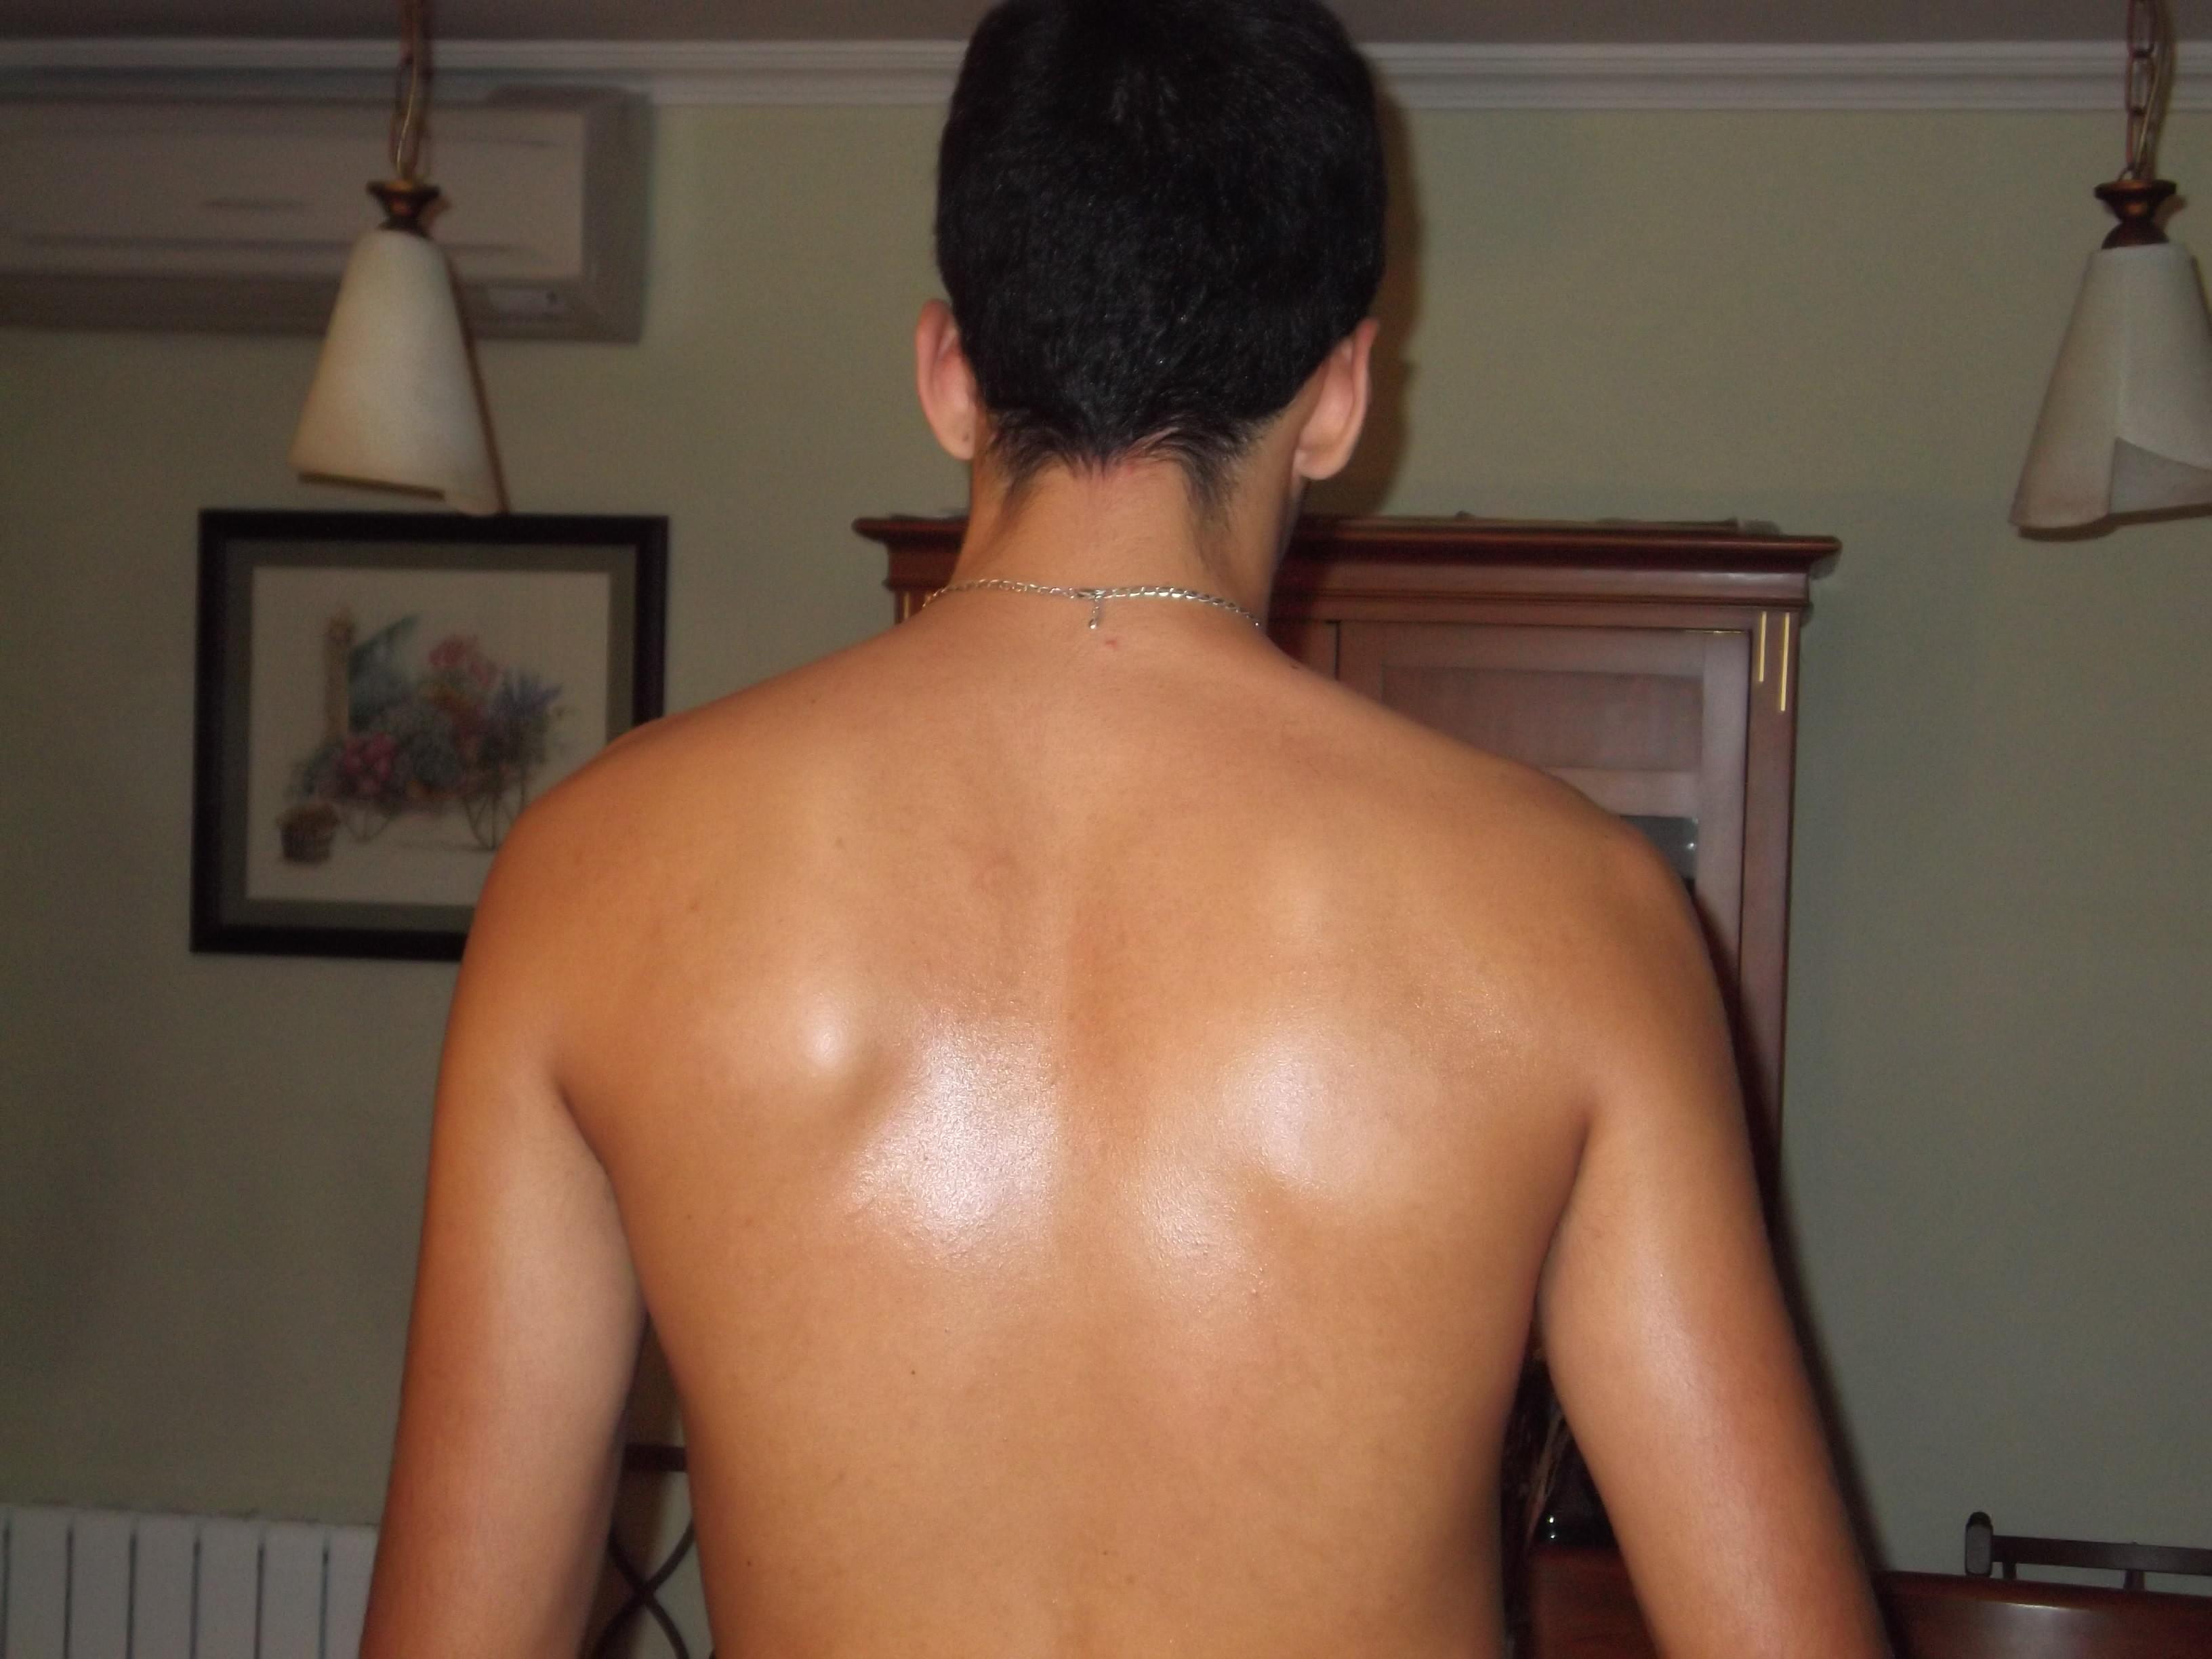 Como librarse de las manchas de pigmento sobre la persona y el cuello